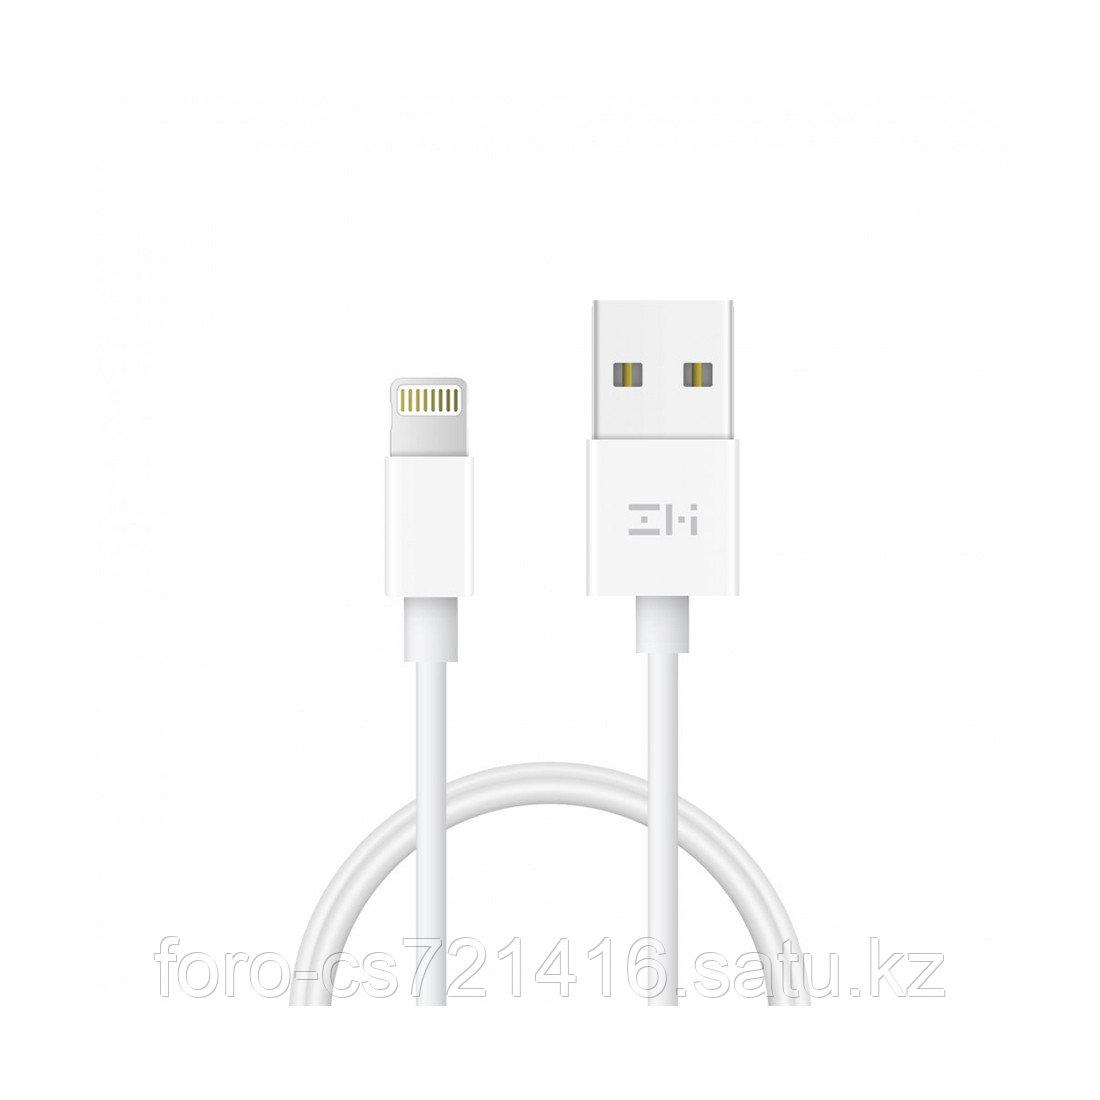 Интерфейсный кабель USB-Lightning Xiaomi ZMI AL831 200 см Белый - фото 1